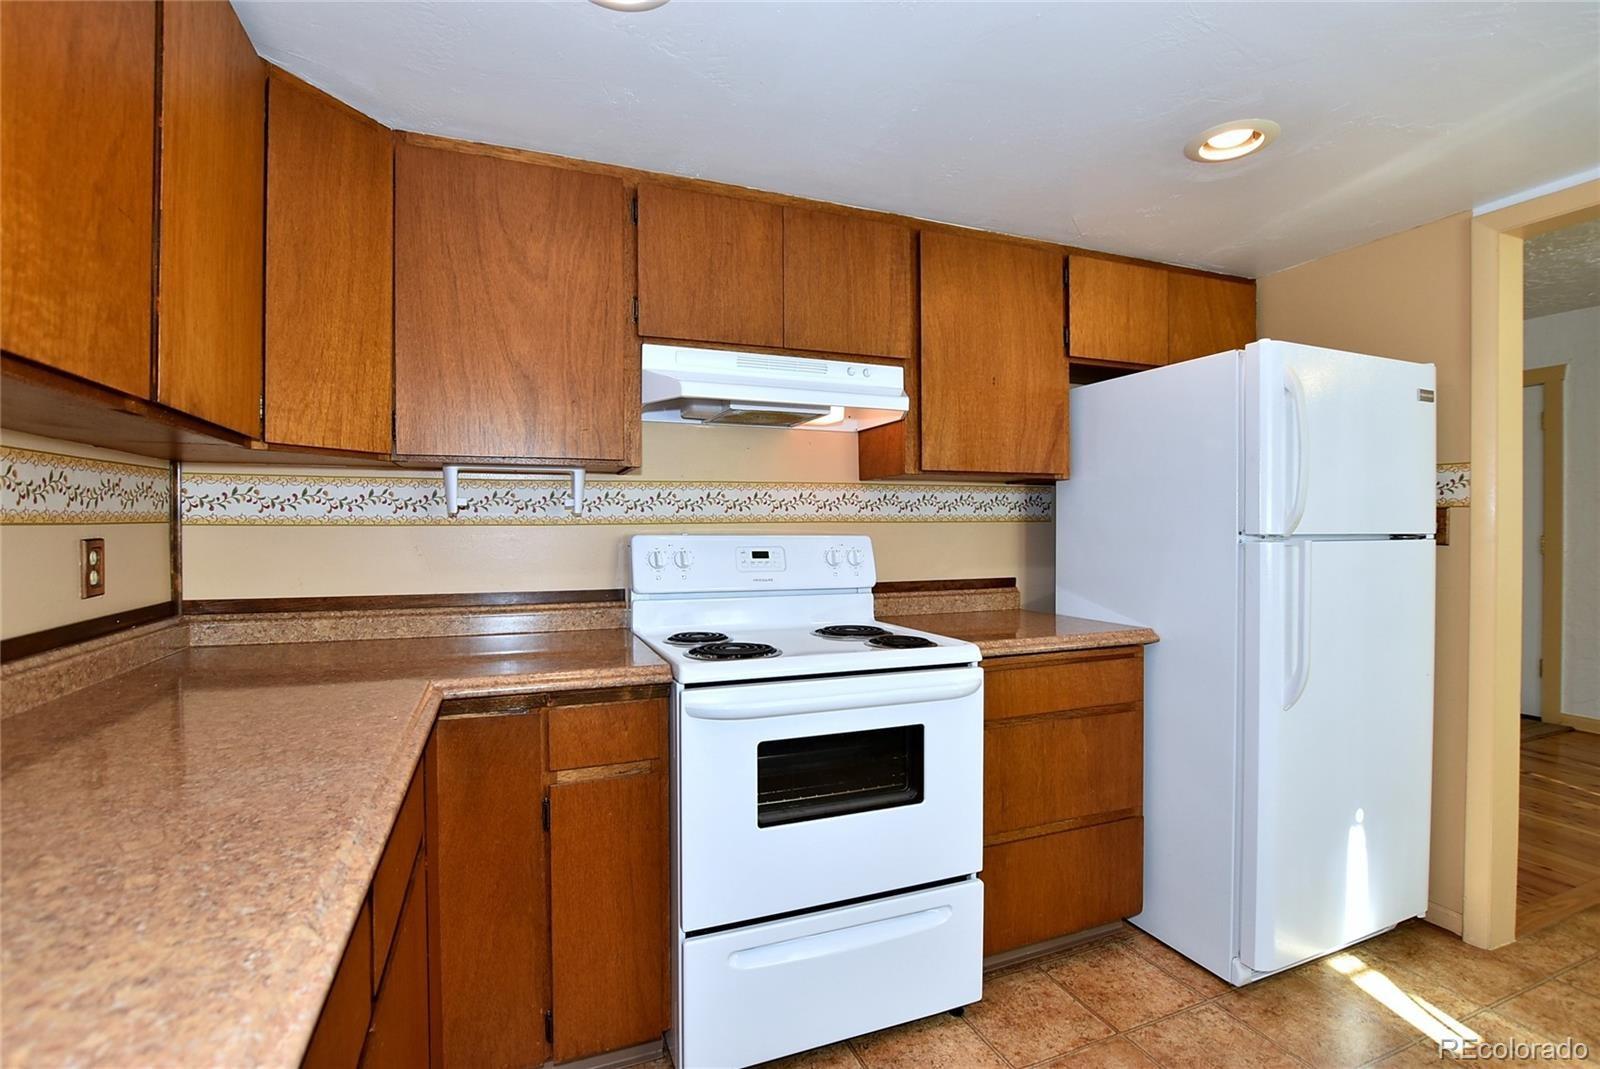 MLS# 9091323 - 16 - 605 N Franklin Avenue, Loveland, CO 80537